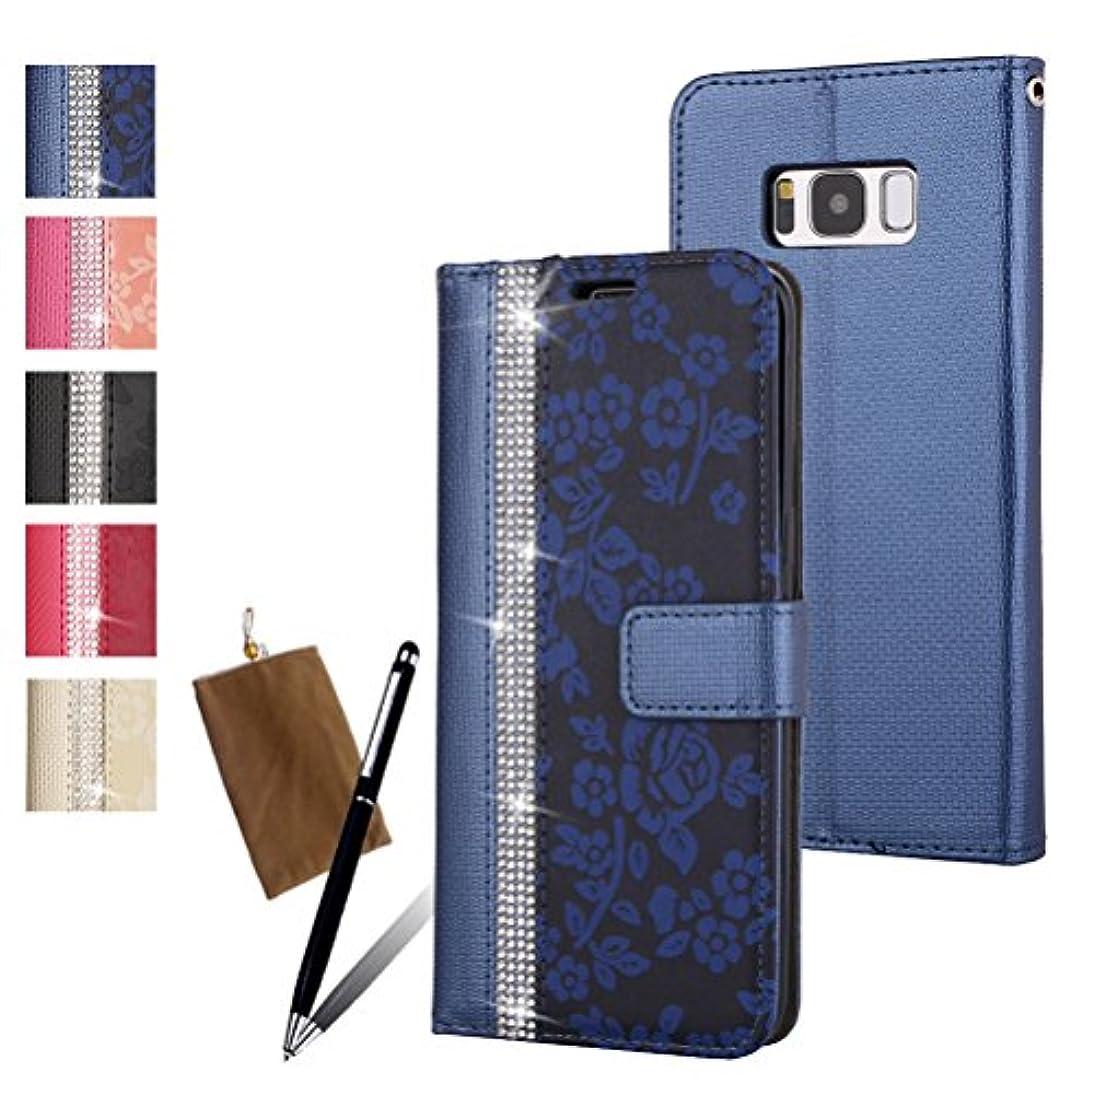 甘やかすシャット異常Samsung Galaxy S8 Plus/SCV35/SC-03J ケース 手帳型 カバー おしゃれ PUレザー 手帳型 プラス財布カバー スタンド機能 耐衝撃 防塵 耐久性 装着やすい 吸着の機能 キラキラ スワロフスキ-ラインストーン デコ メチャ可愛い Samsung Galaxy S8 Plusケーススマホカバー ダークブルー